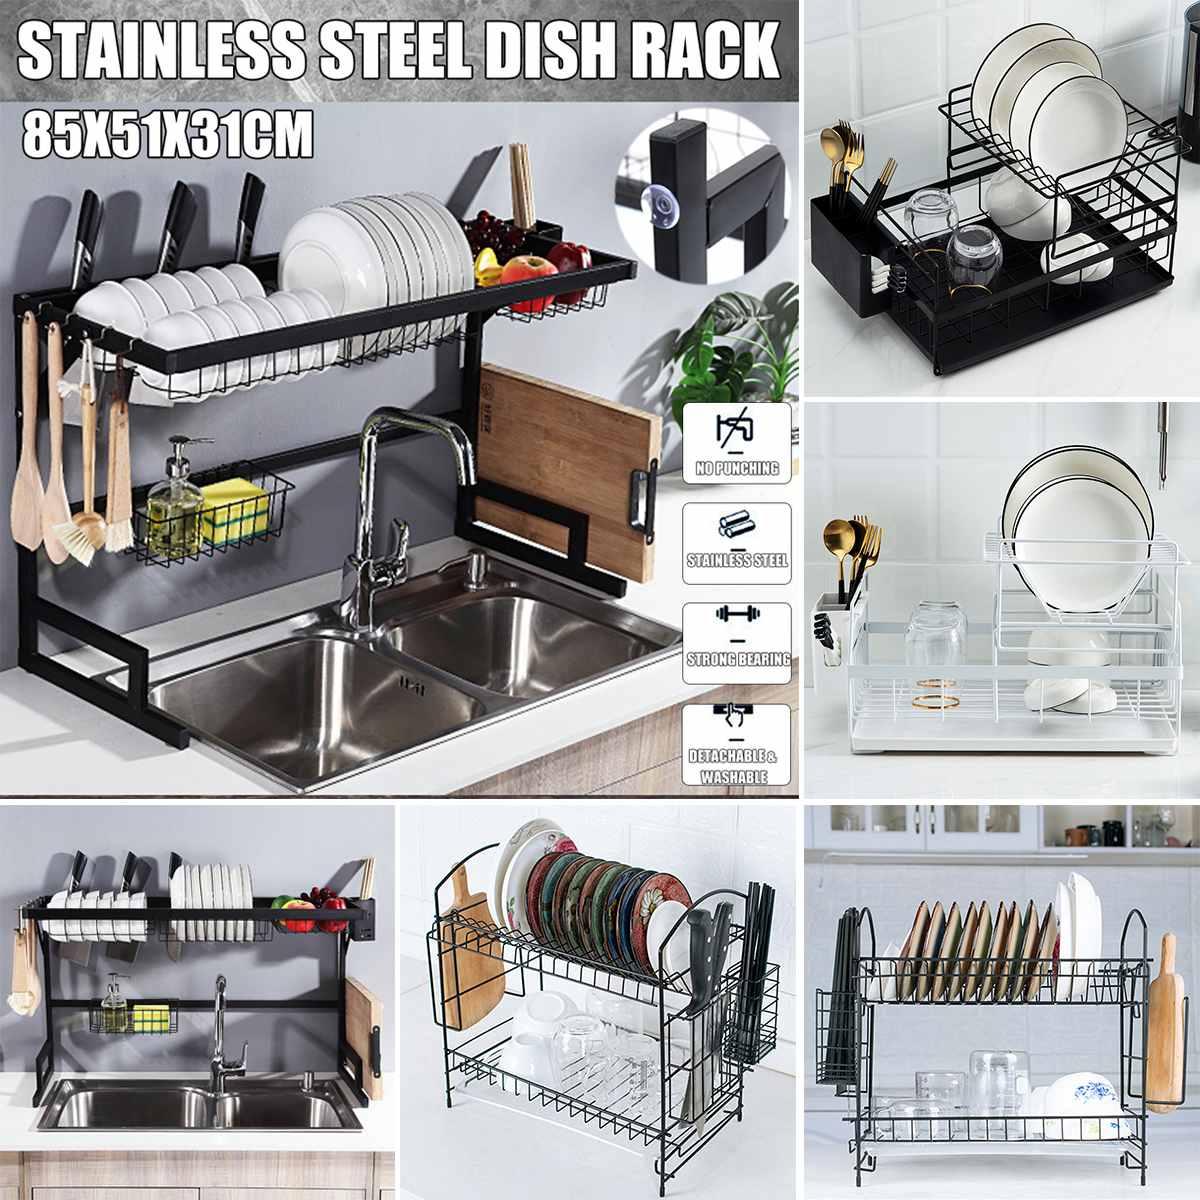 アルミ合金ディッシュラックキッチンオーガナイザー収納水切り乾燥プレート棚シンク用品ナイフとフォーク容器